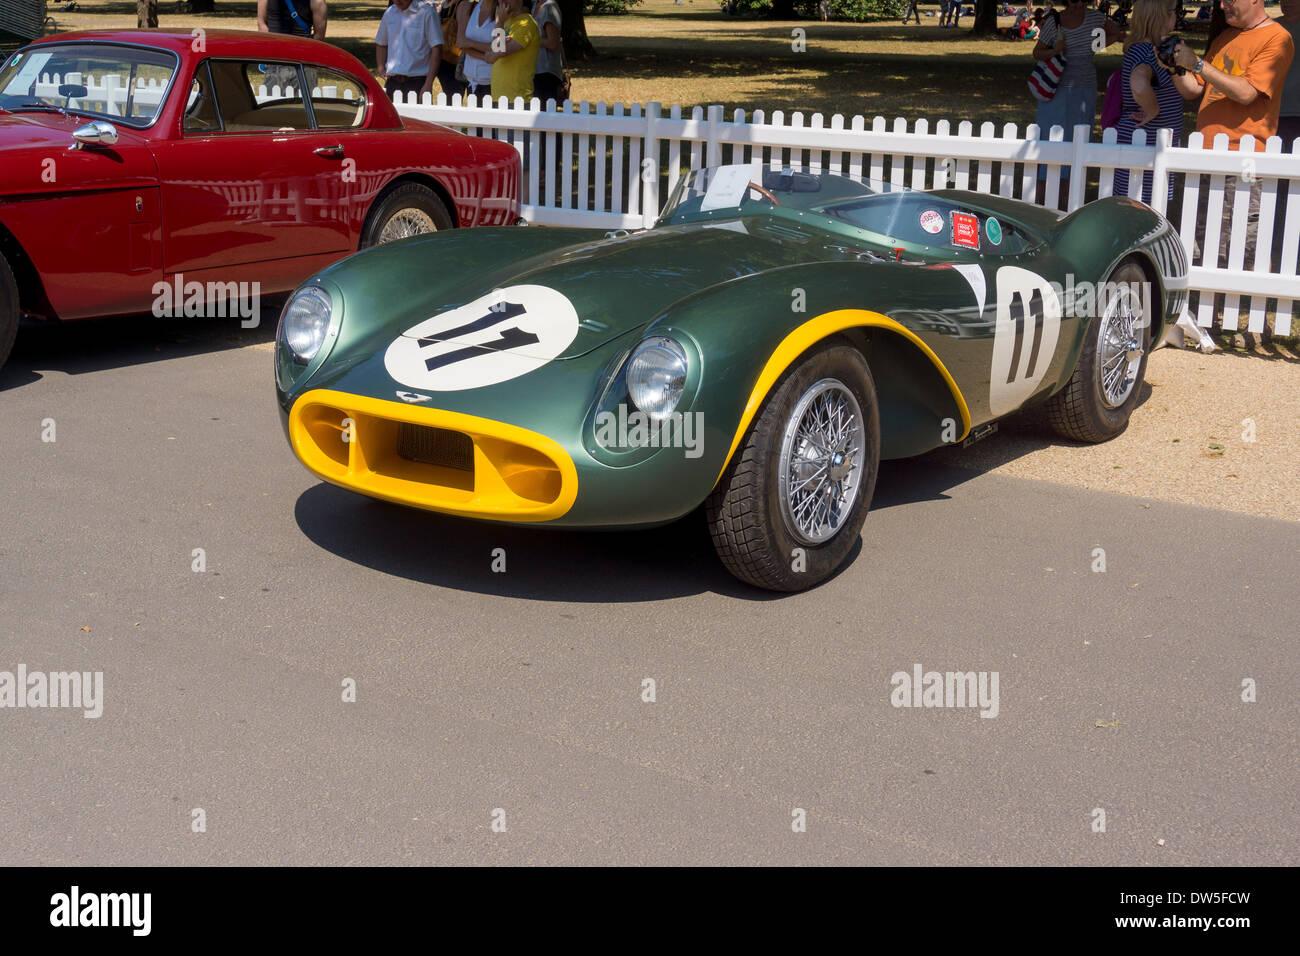 Aston Martin DB3S (1953 ? 1956), Aston Martin Timeline, hundertjährigen Feier 2013 100 Jahre Aston Martin, Stockbild